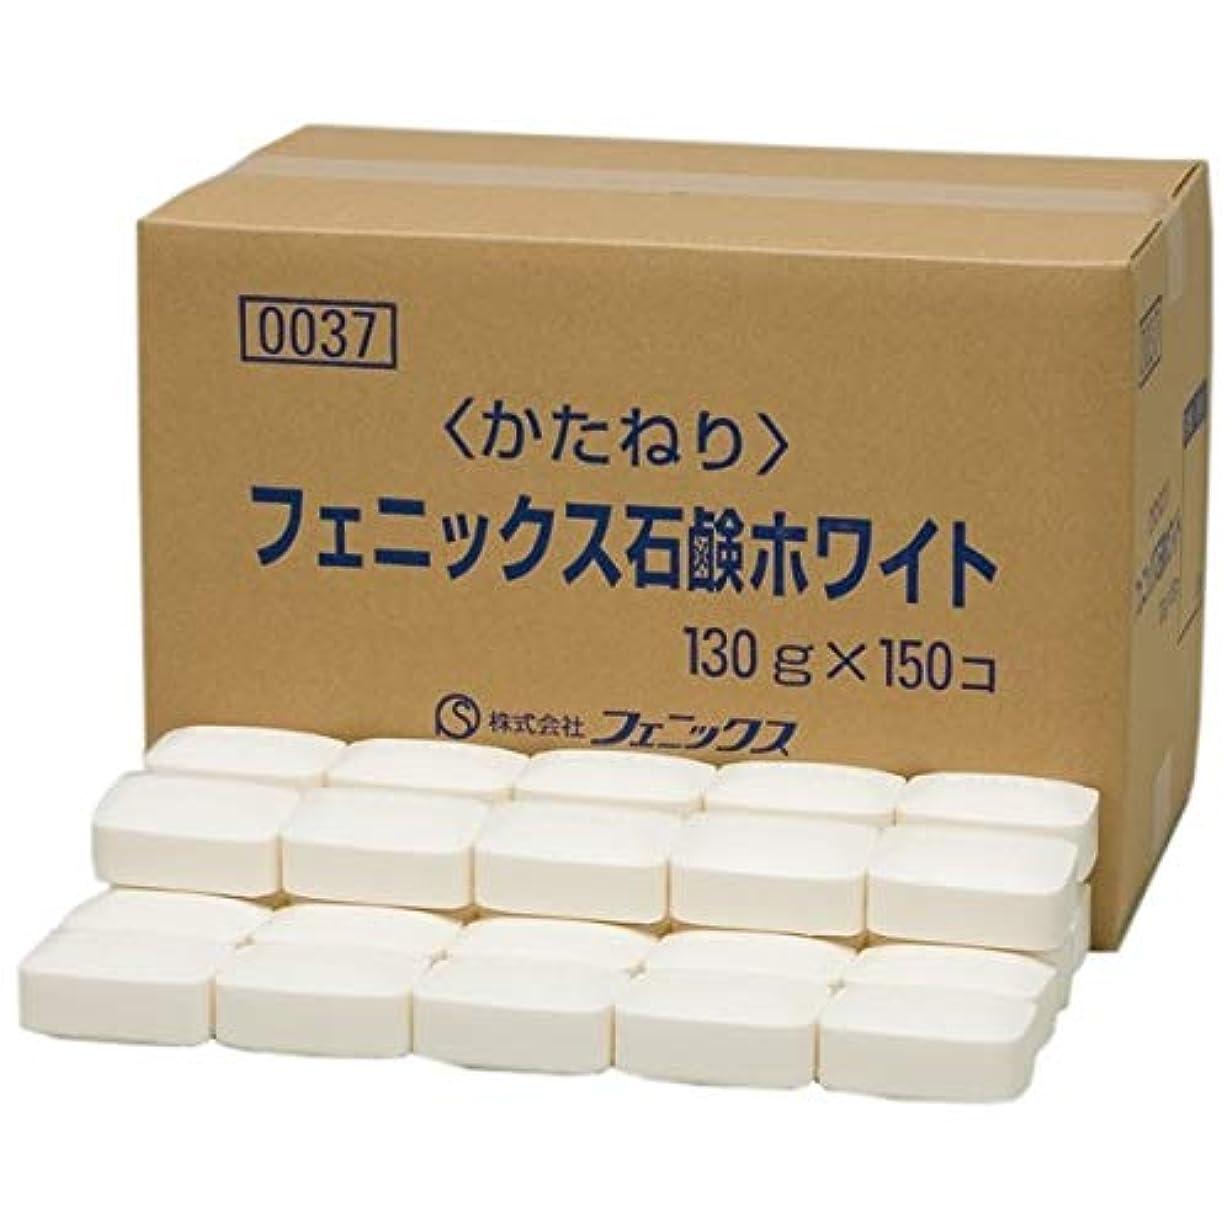 繊細有能な酸っぱいフェニックスホワイト石鹸 130g×150個入